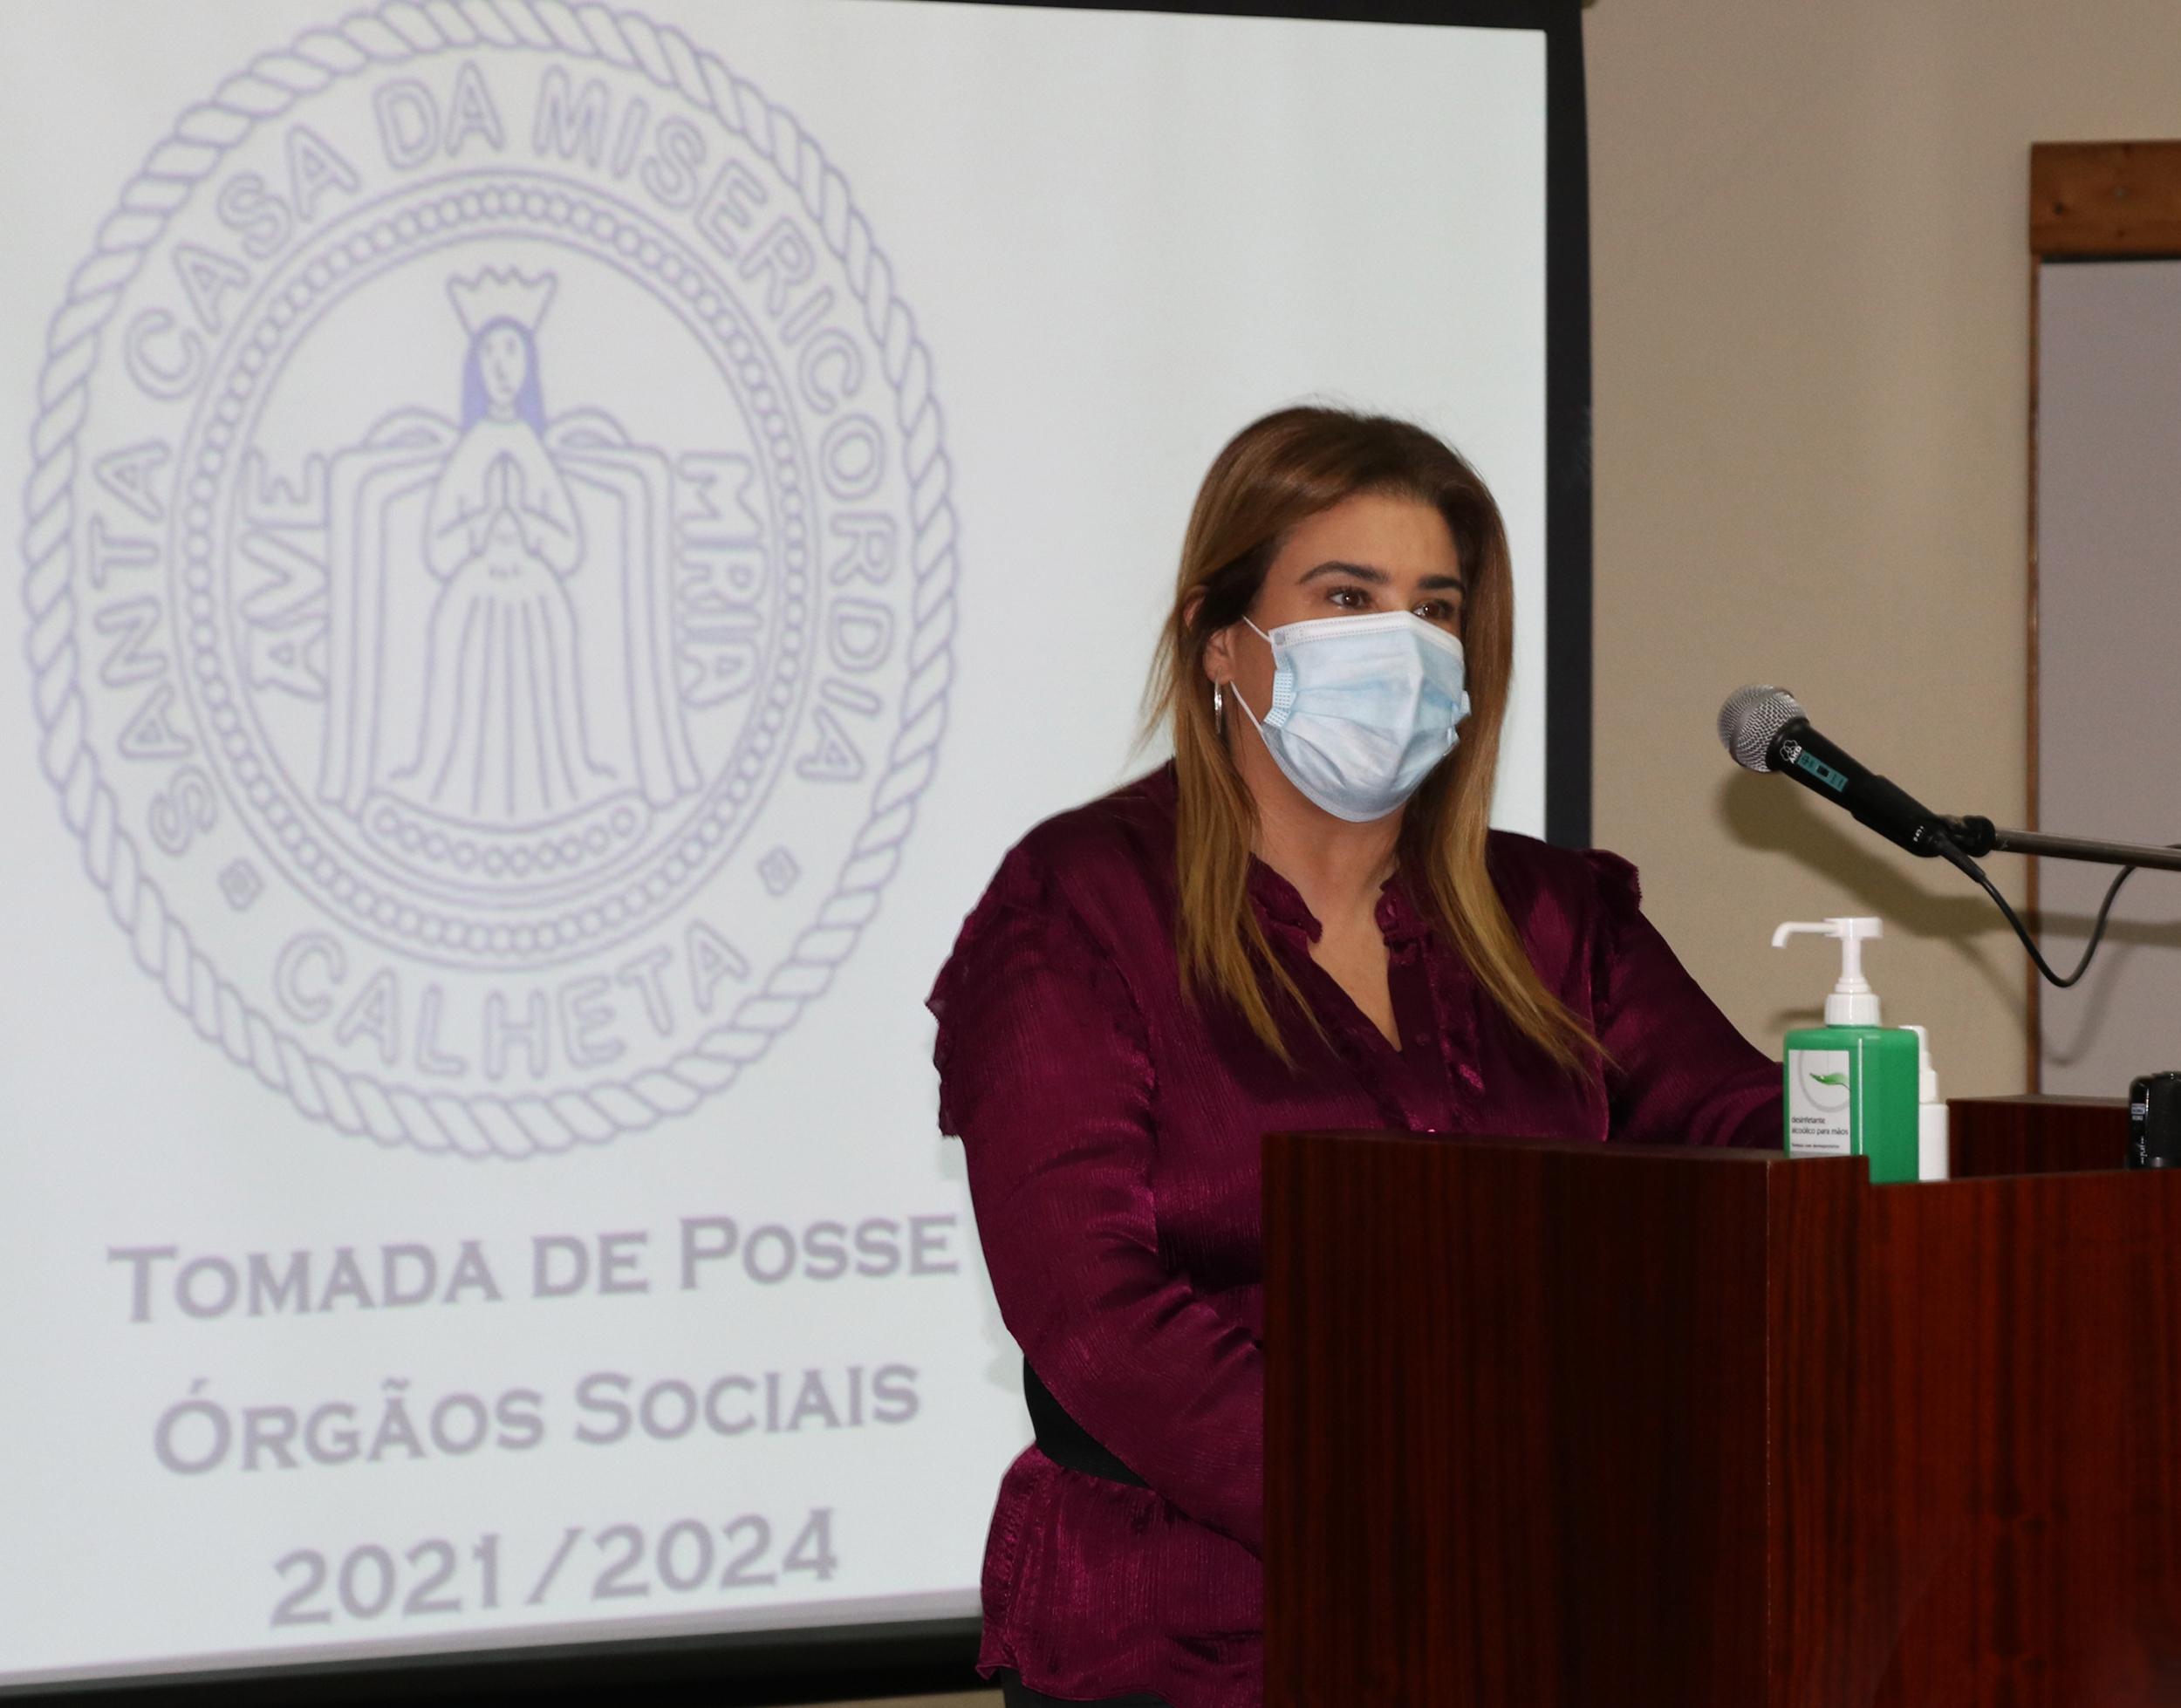 Augusta Aguiar na tomada de posse dos novos Órgãos Sociais da Santa Casa da Misericórdia da Calheta